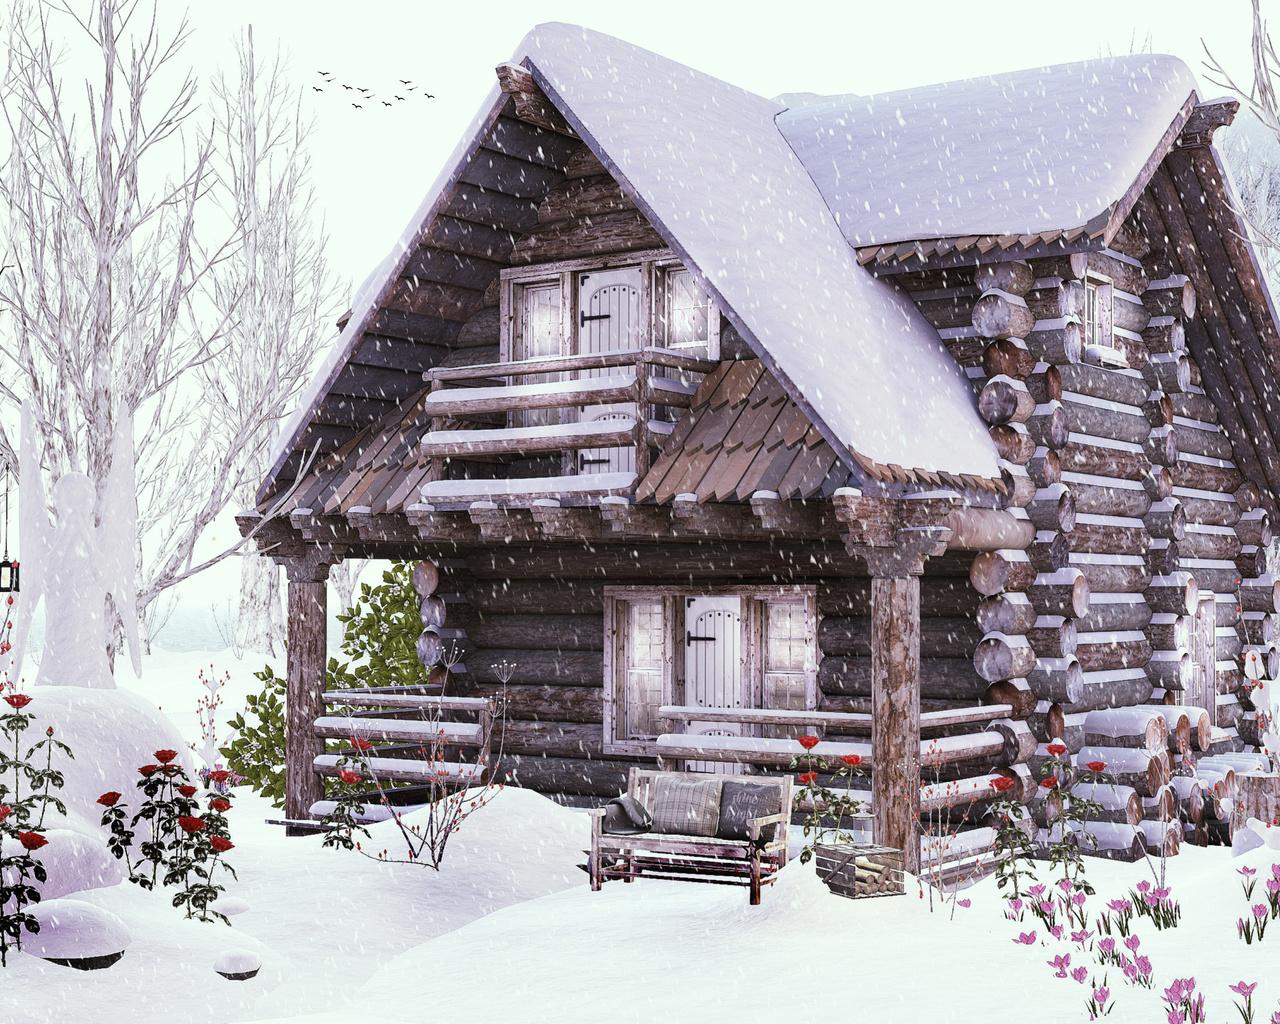 зима, дома, снег, бревна, дизайн, деревянный